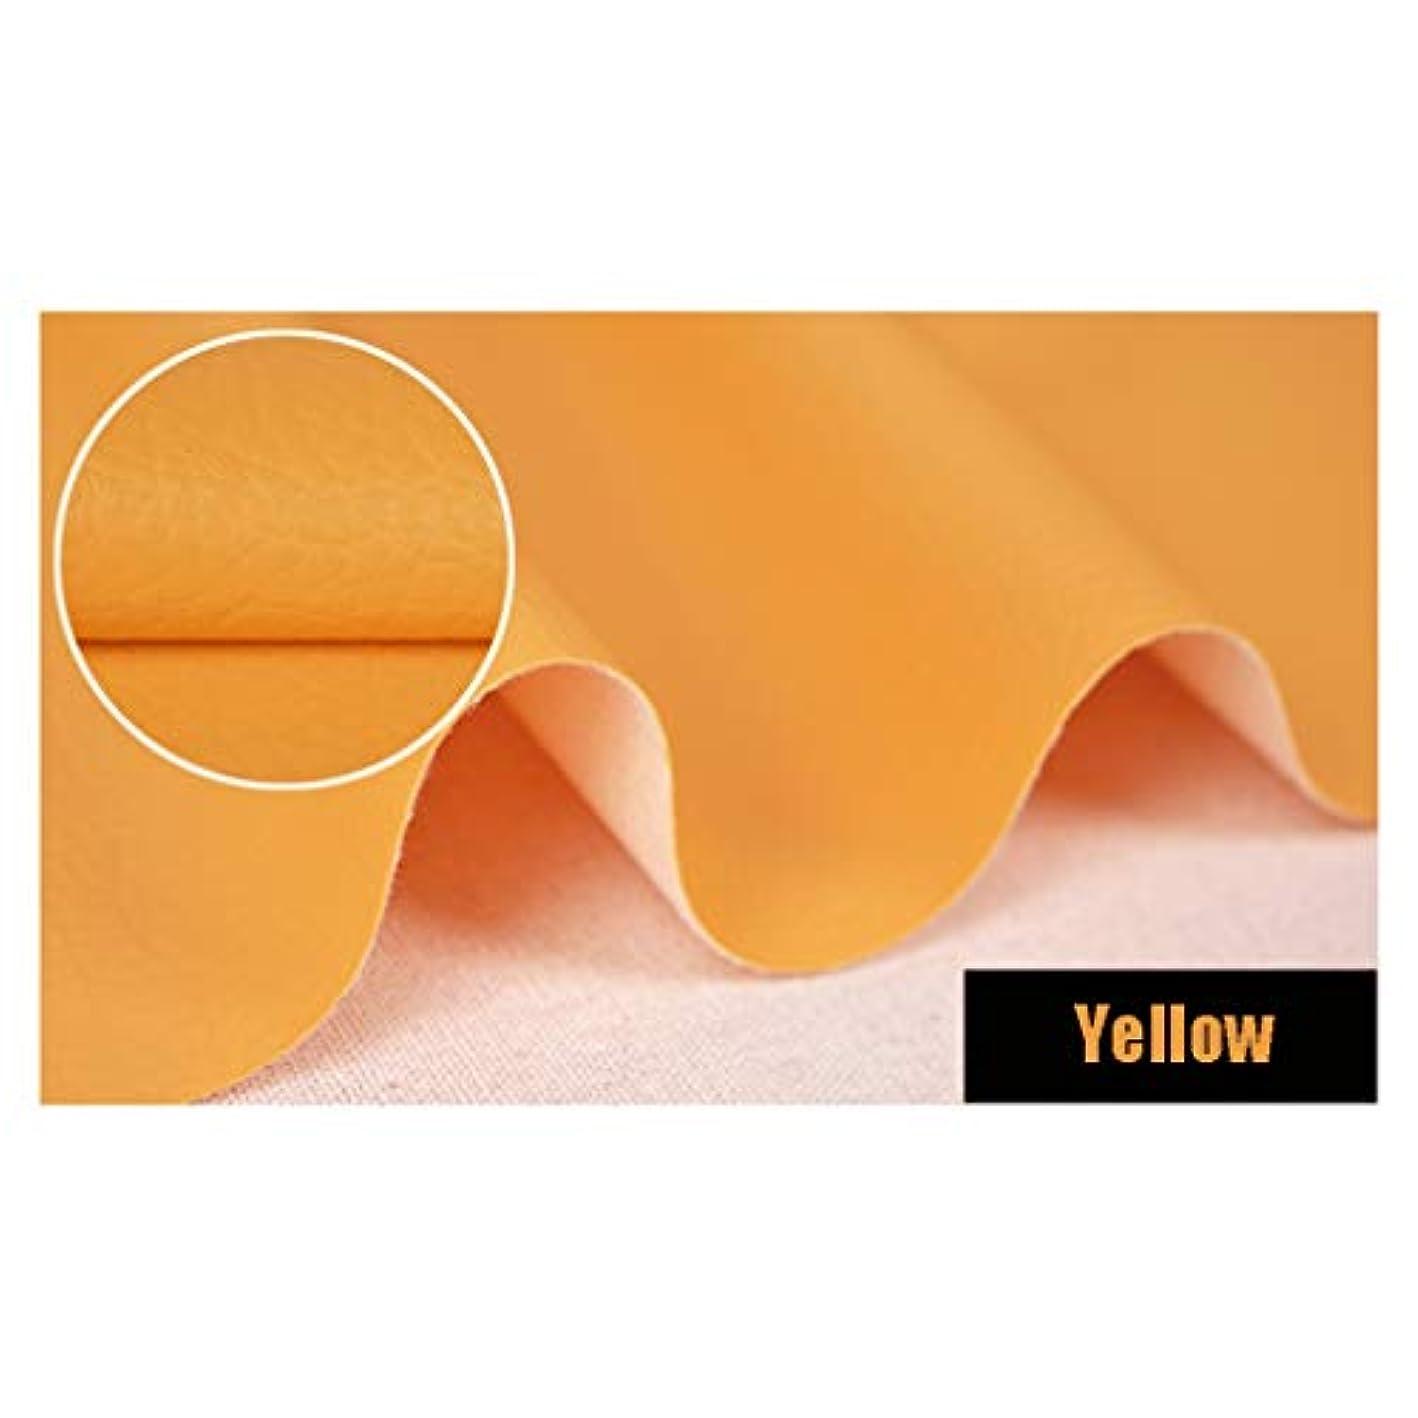 公平転倒バインドWCBING クラフト装飾とDIYのプロジェクトを作る家具ソファチェアバッグ用PU人工レザー布張りのソリッドカラーのファブリック素材の耐摩耗防水防湿、 清潔で汚れにくい (Color : YELLOW, Size : 4.5M*1.4M)